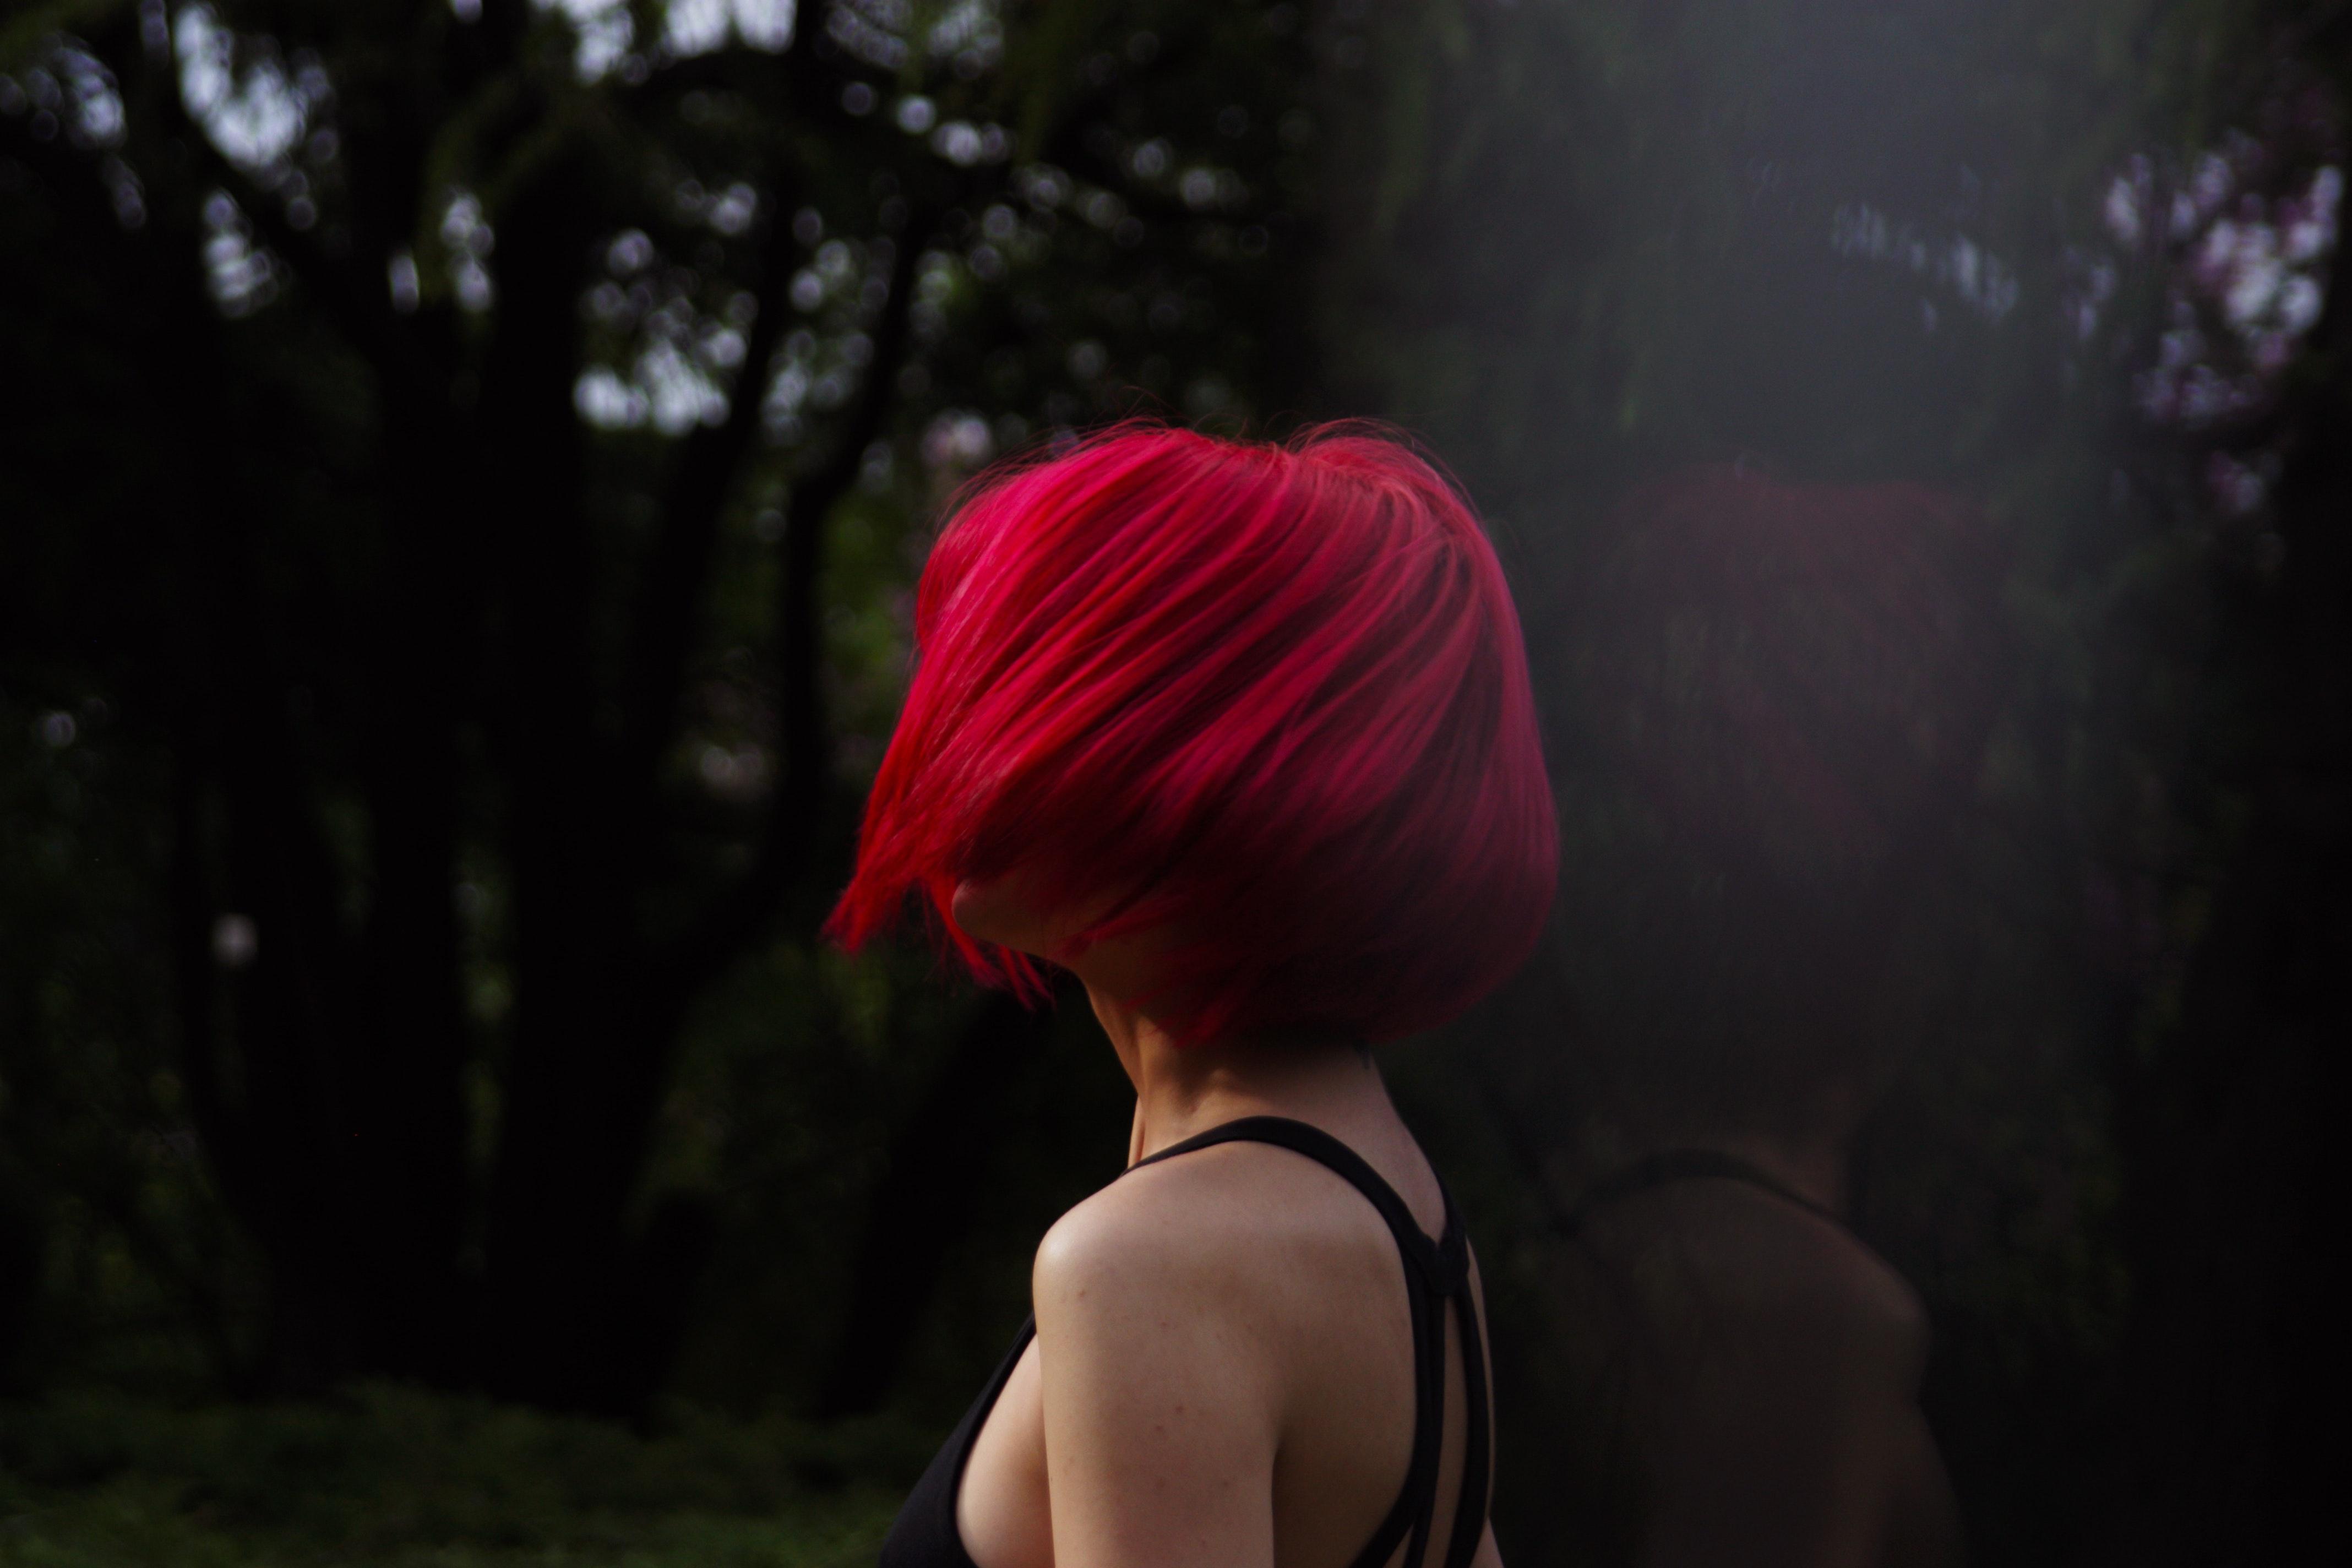 Farbowanie włosów – wady i zalety